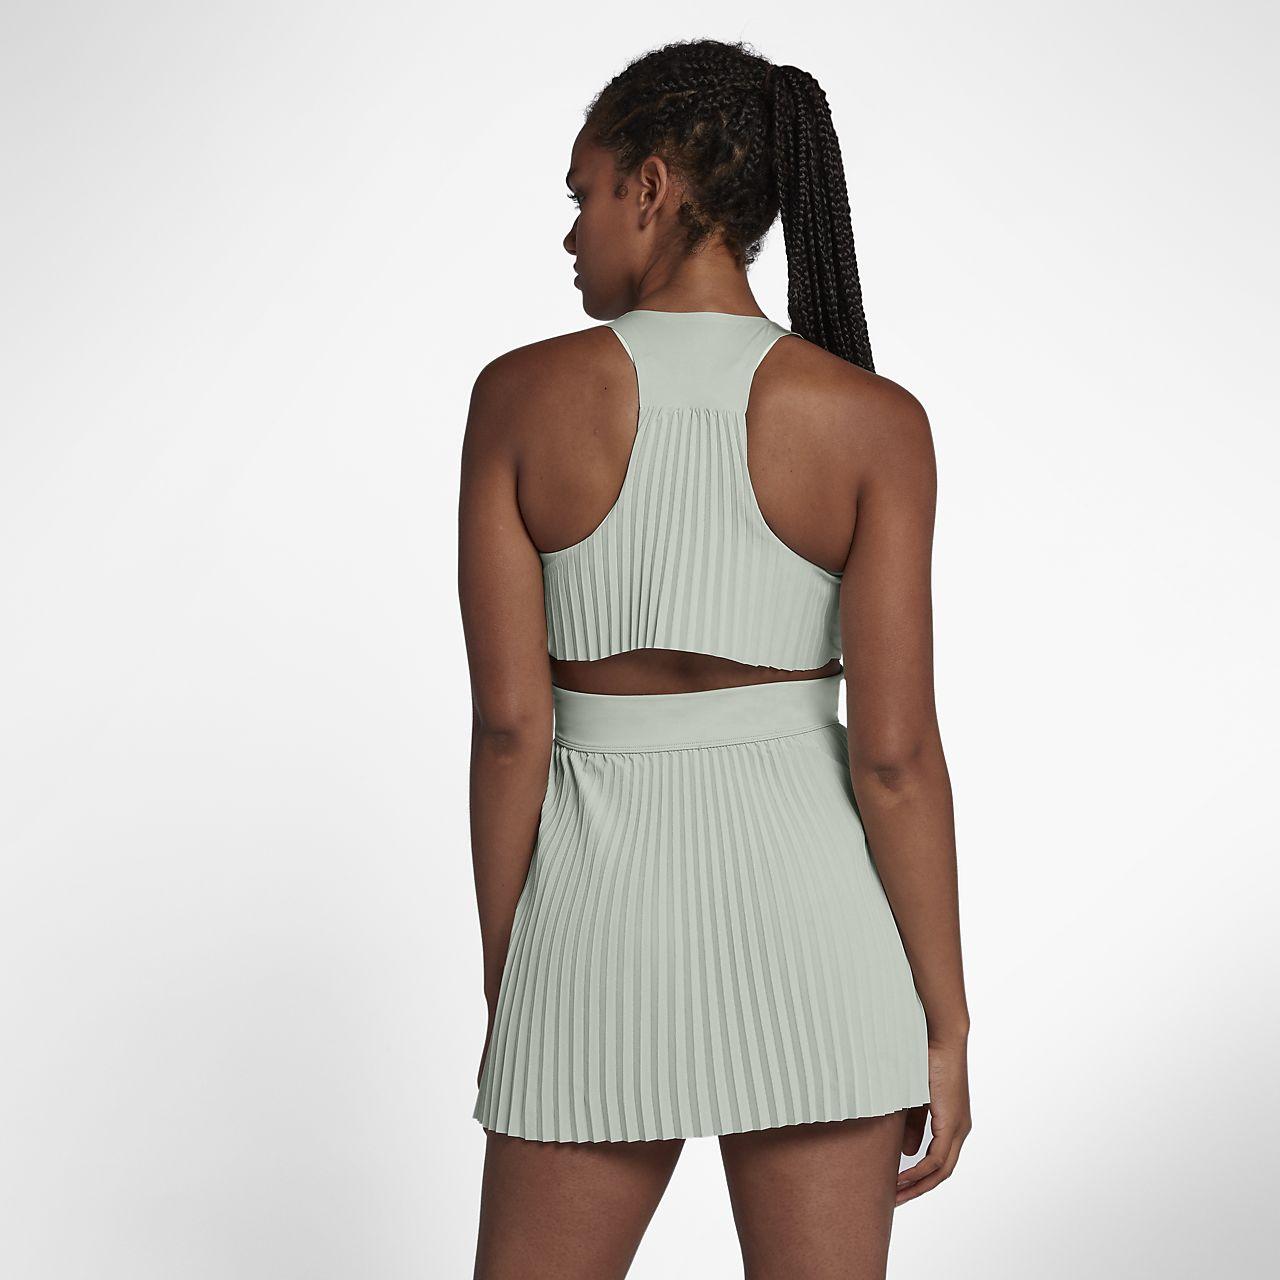 58e35a1988 Maria Women's Tennis Dress. Nike.com CA